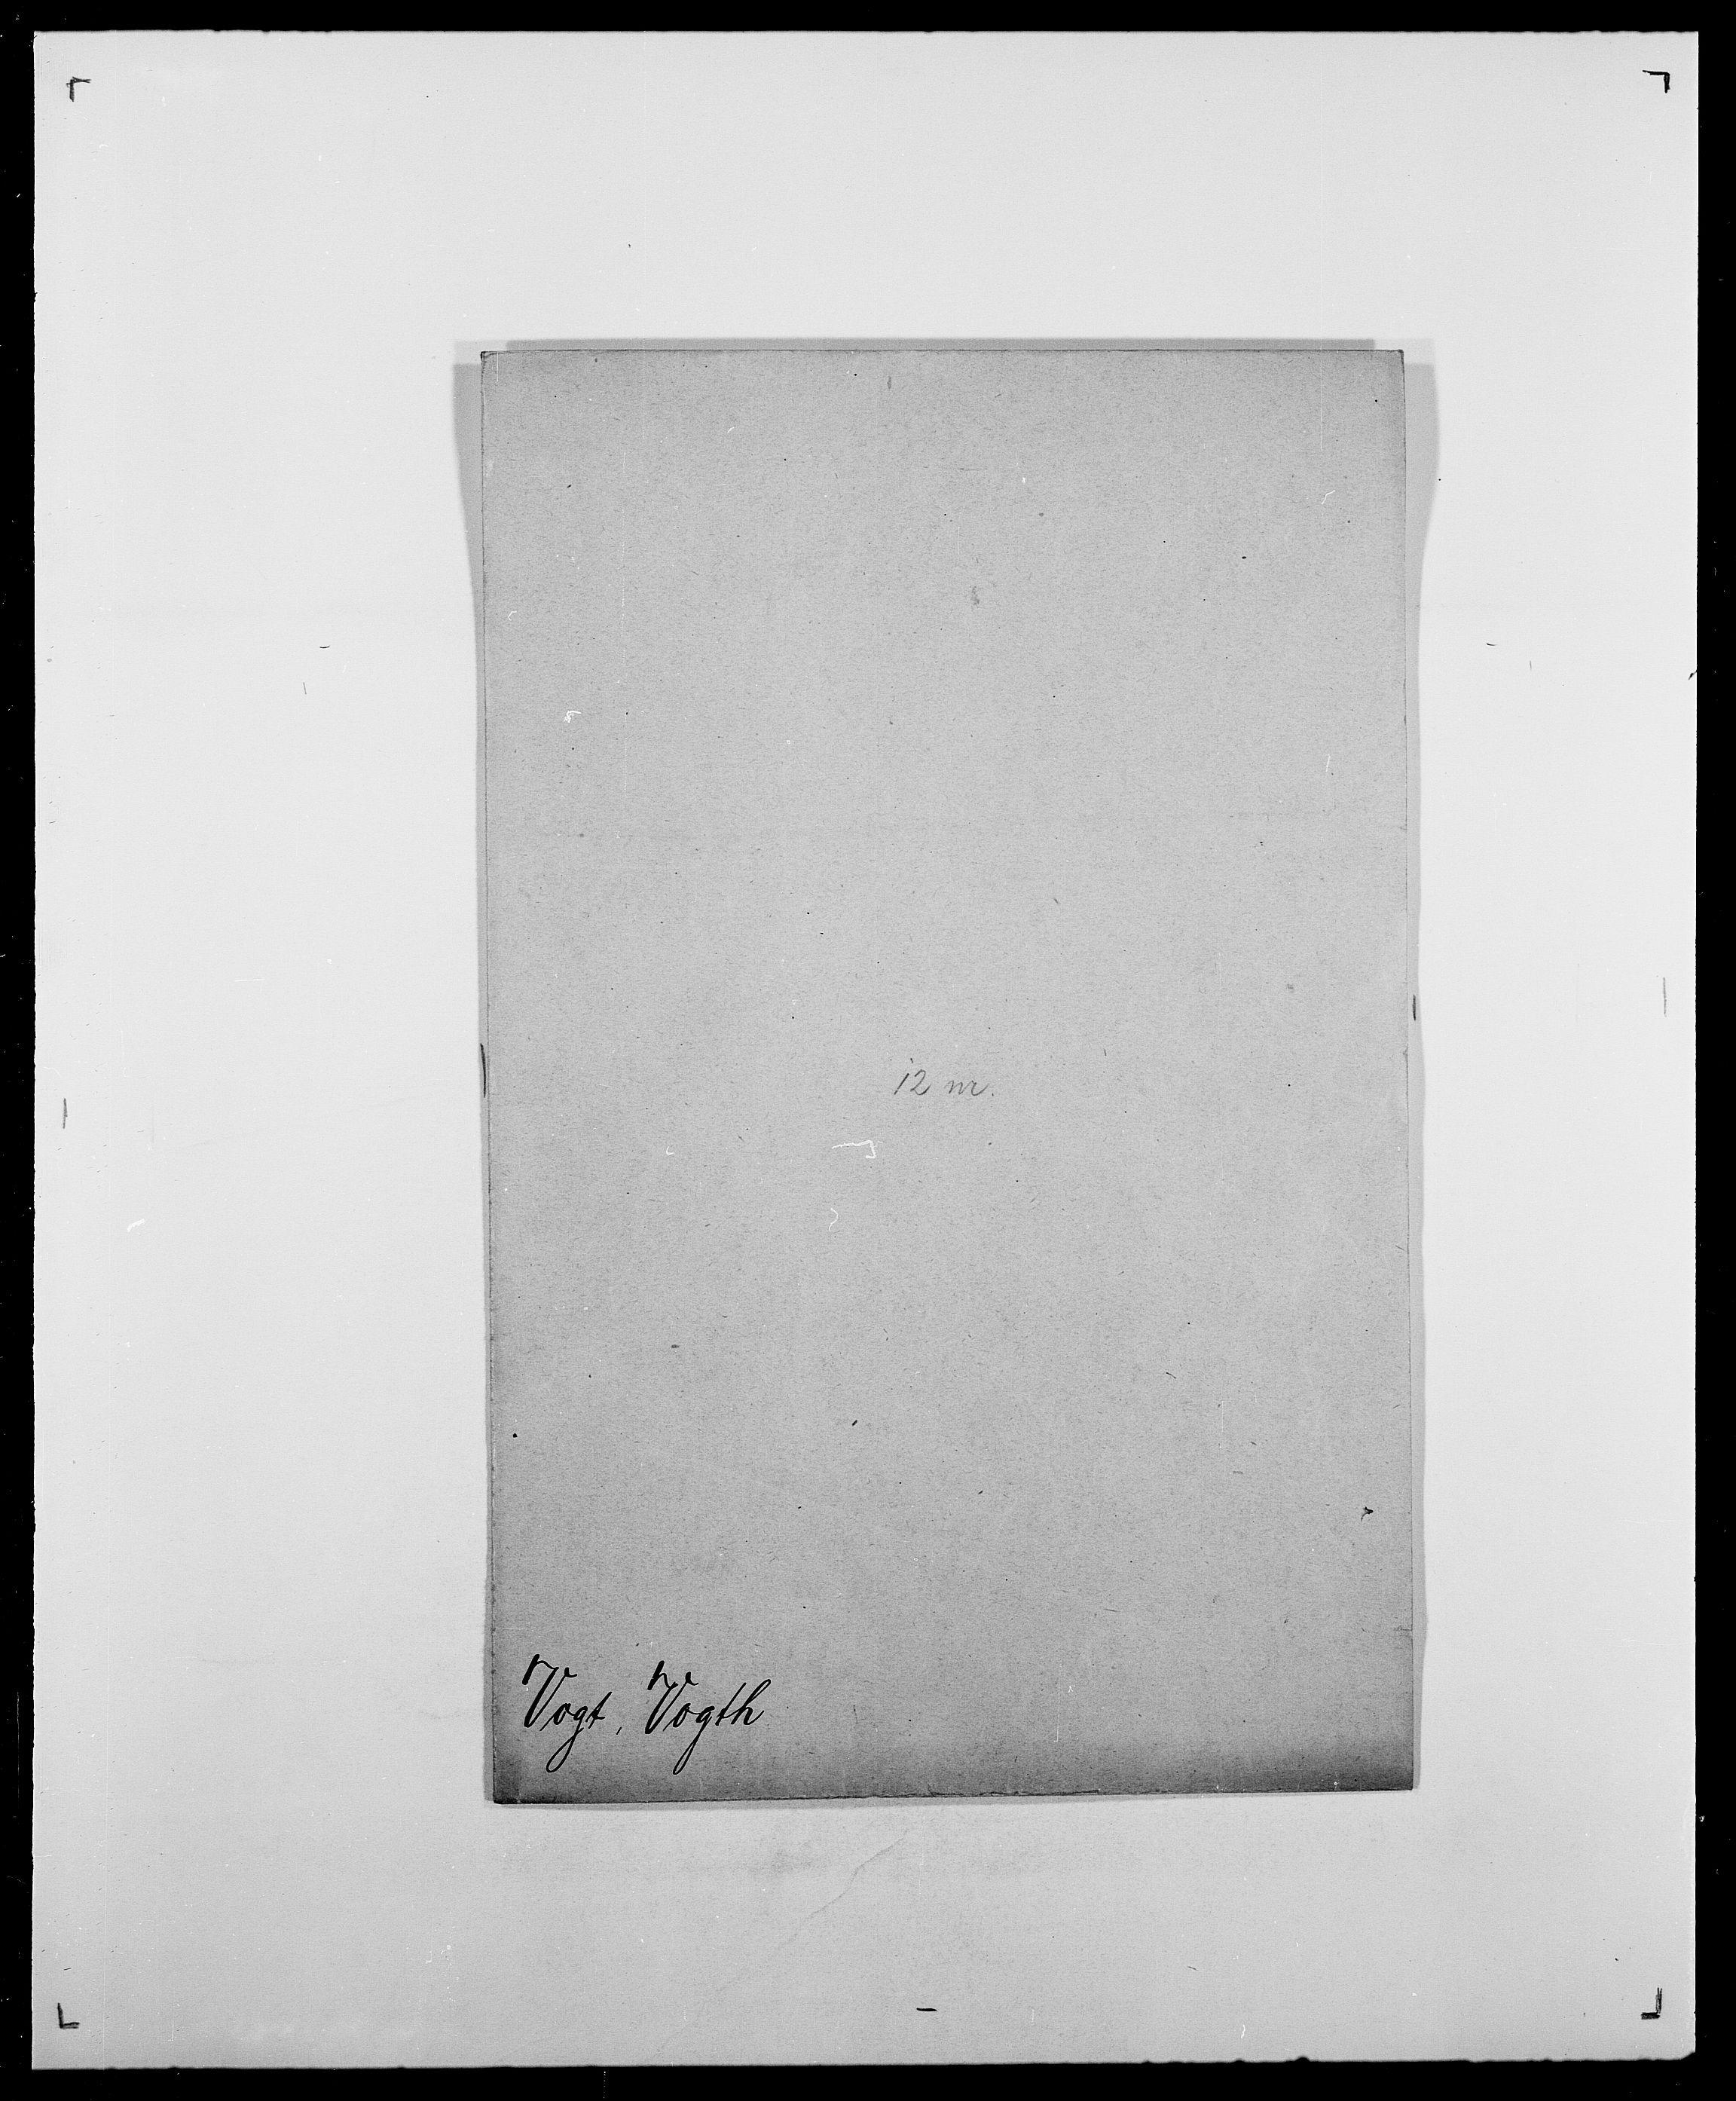 SAO, Delgobe, Charles Antoine - samling, D/Da/L0042: Vilain - Wulf, Wulff, se også Wolf, s. 556